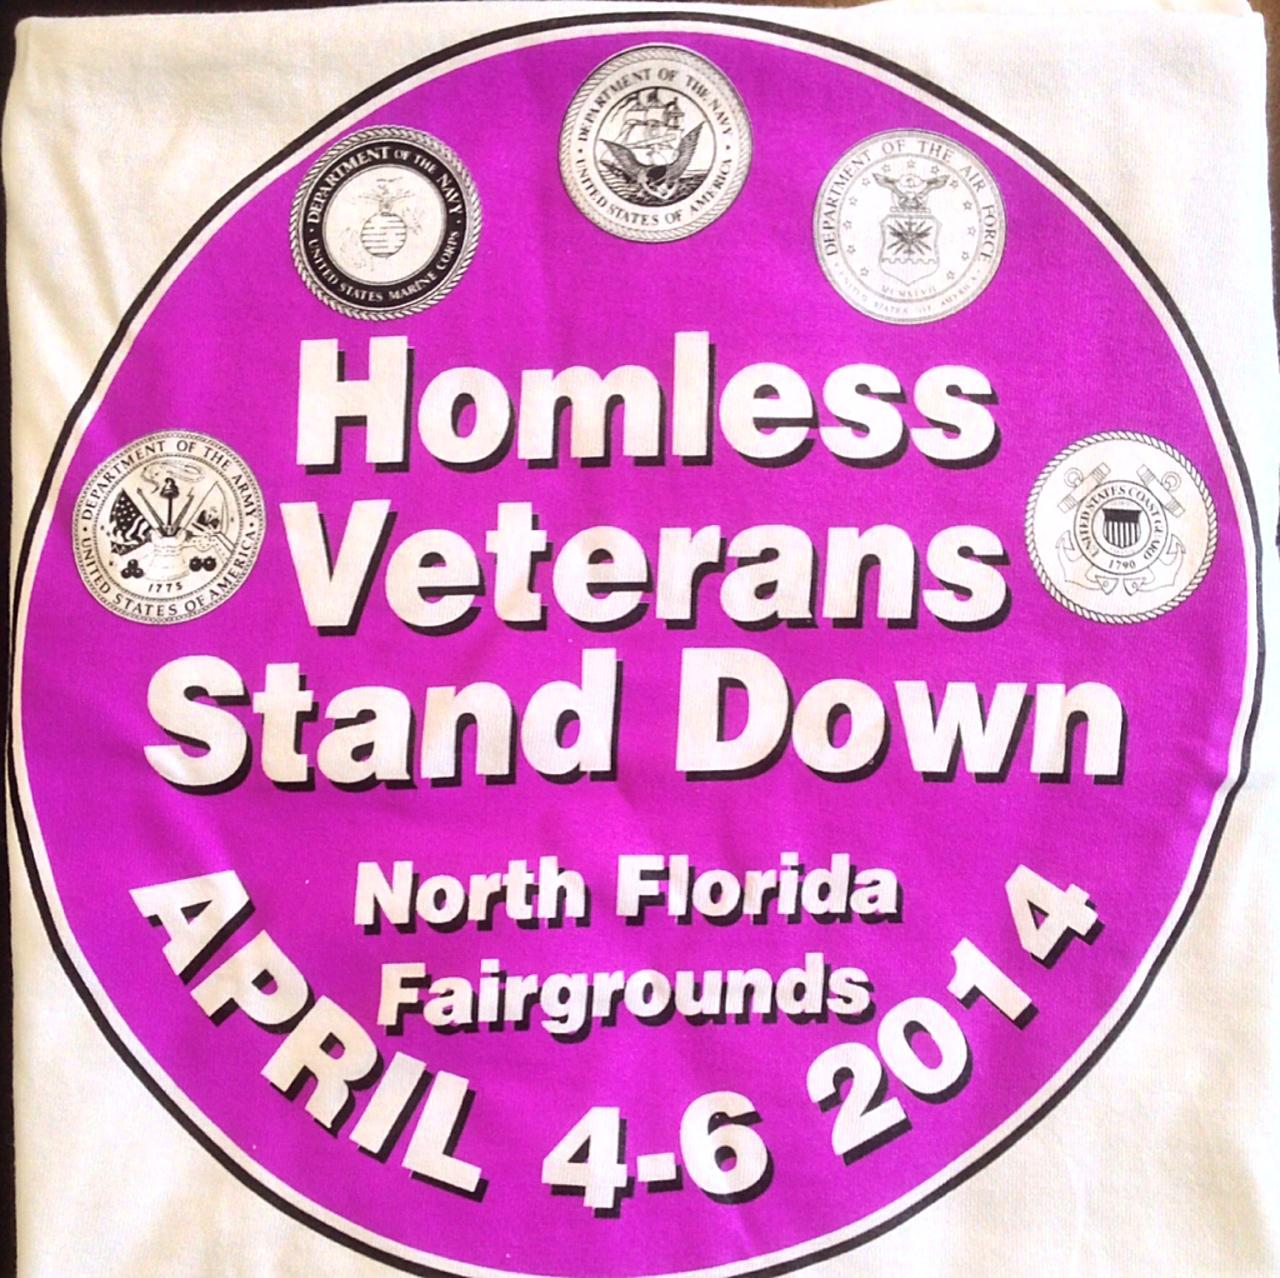 Liebenhaut Volunteers for Homeless Veterans